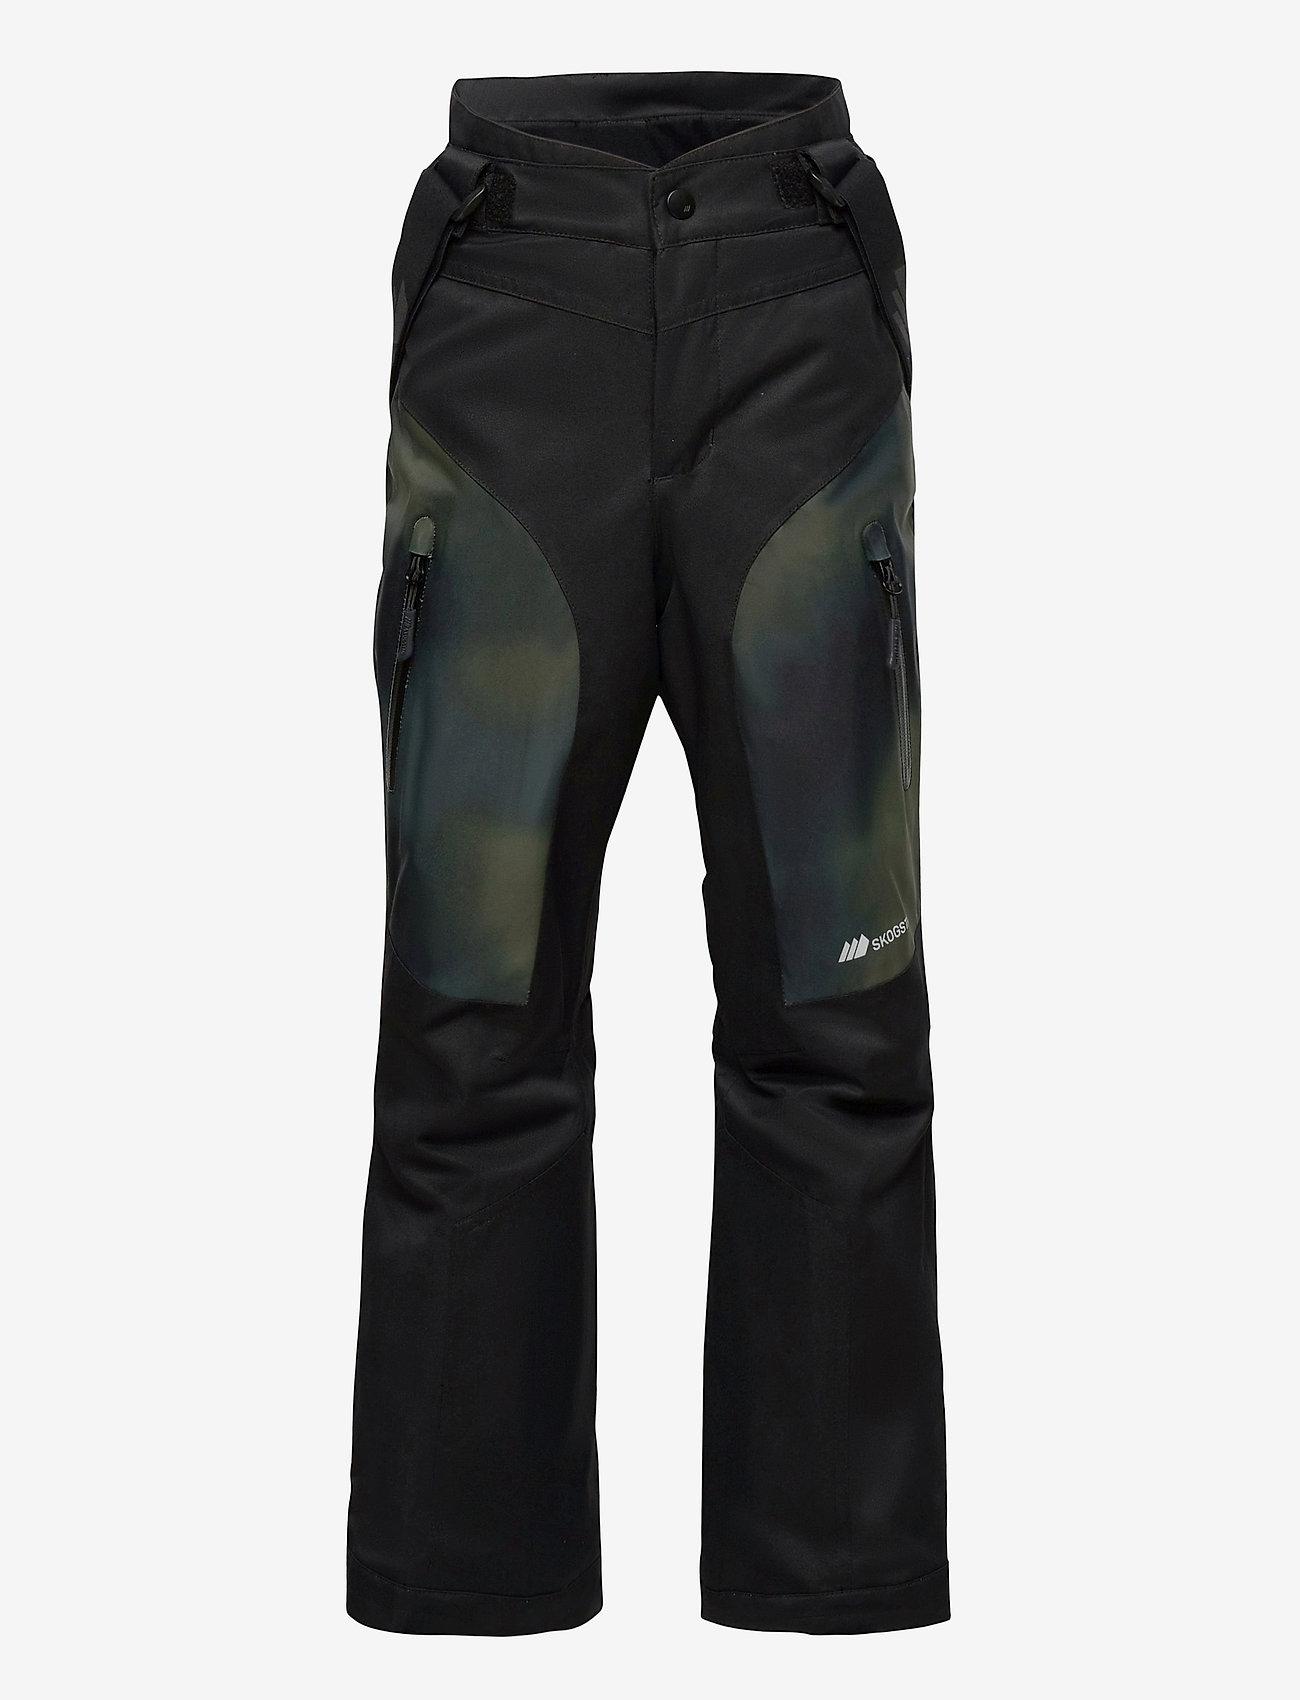 Skogstad - Gaustadblikk 2-layer technical ski trousers - overtræksbukser - black - 0